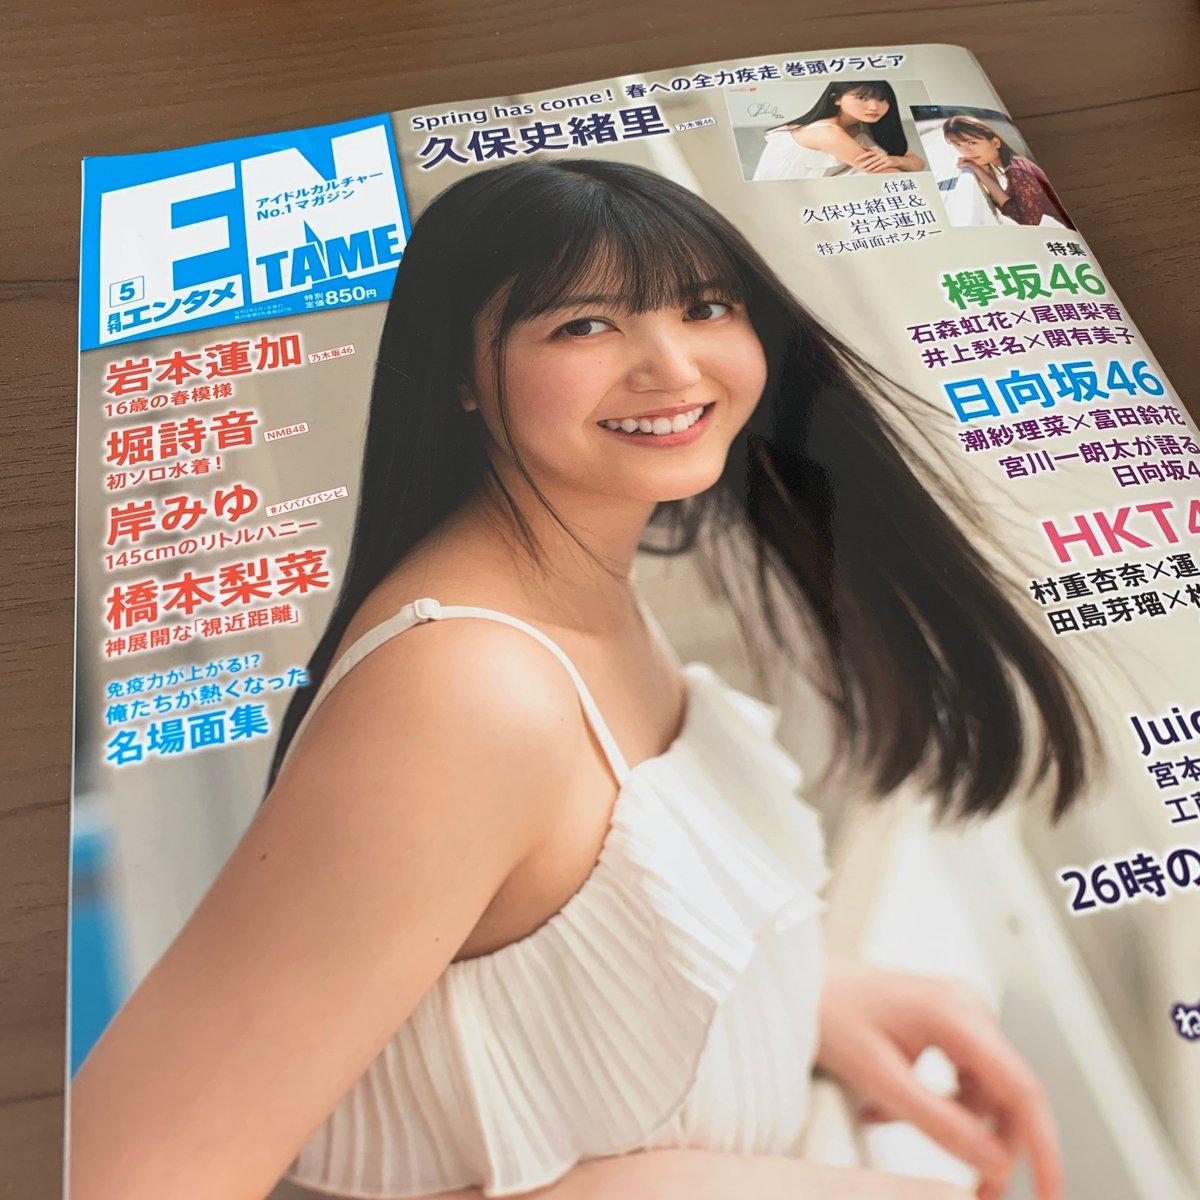 test ツイッターメディア - 【お知らせ】「モーニング娘。年代記」最速掲載の #月刊エンタメ 5月号が発売になりました!今回のお題は2017年。SMAPや安室奈美恵が新たな人生を選び、平成最後のカウントダウンが始まったあの年。アイドルグループ・モーニング娘。が、ちょうど結成20周年イヤーを迎えていた頃の話です。 https://t.co/y2sGcUQT7V